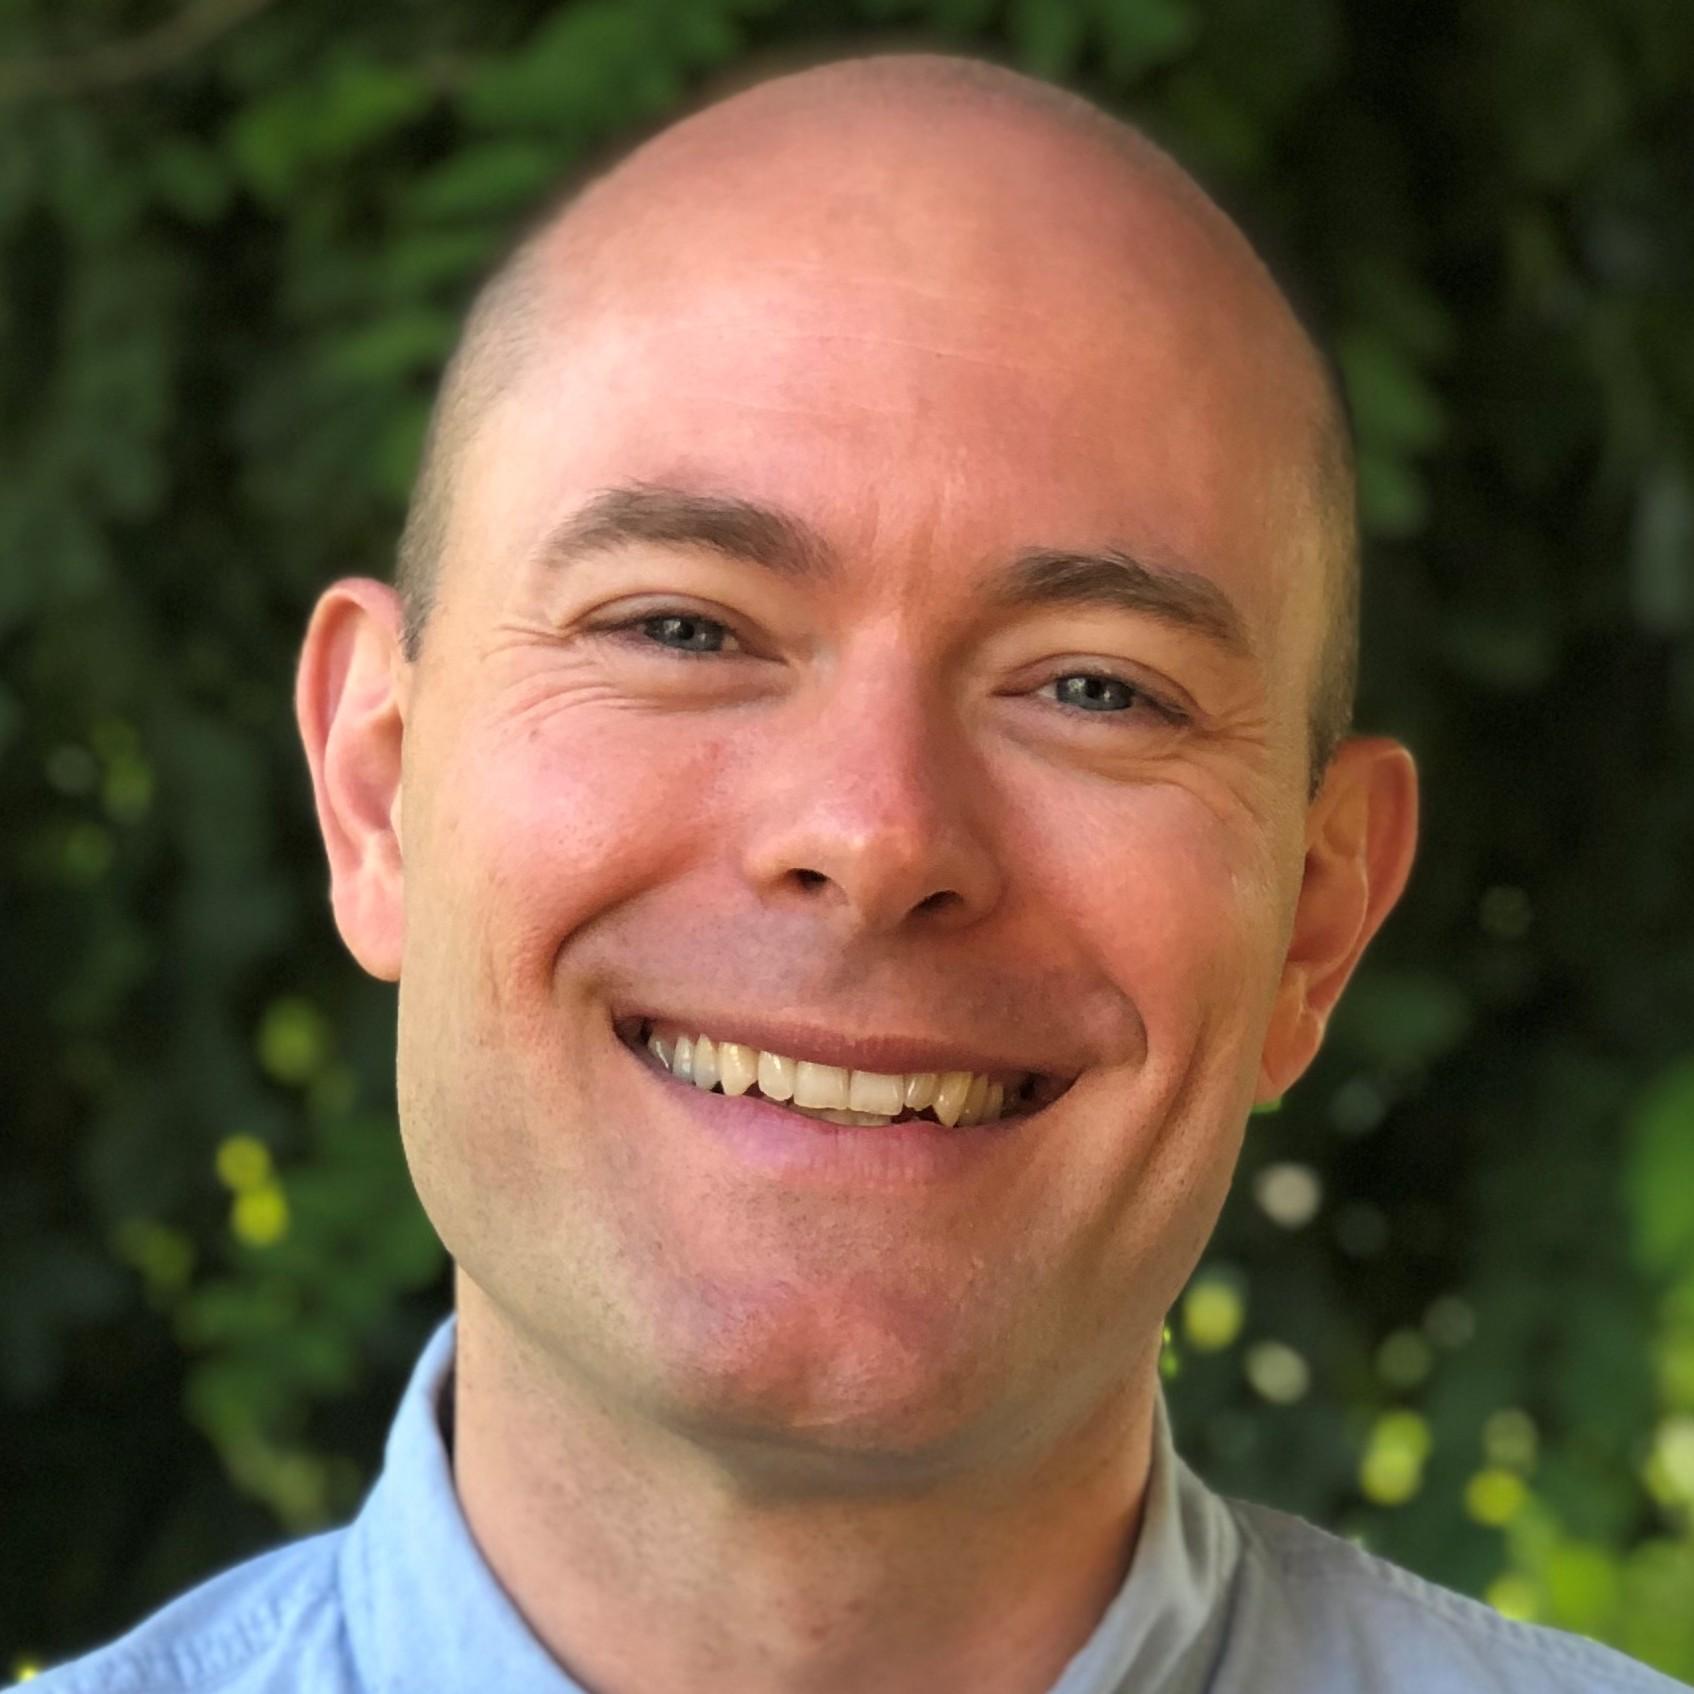 Dr Mark Mallman